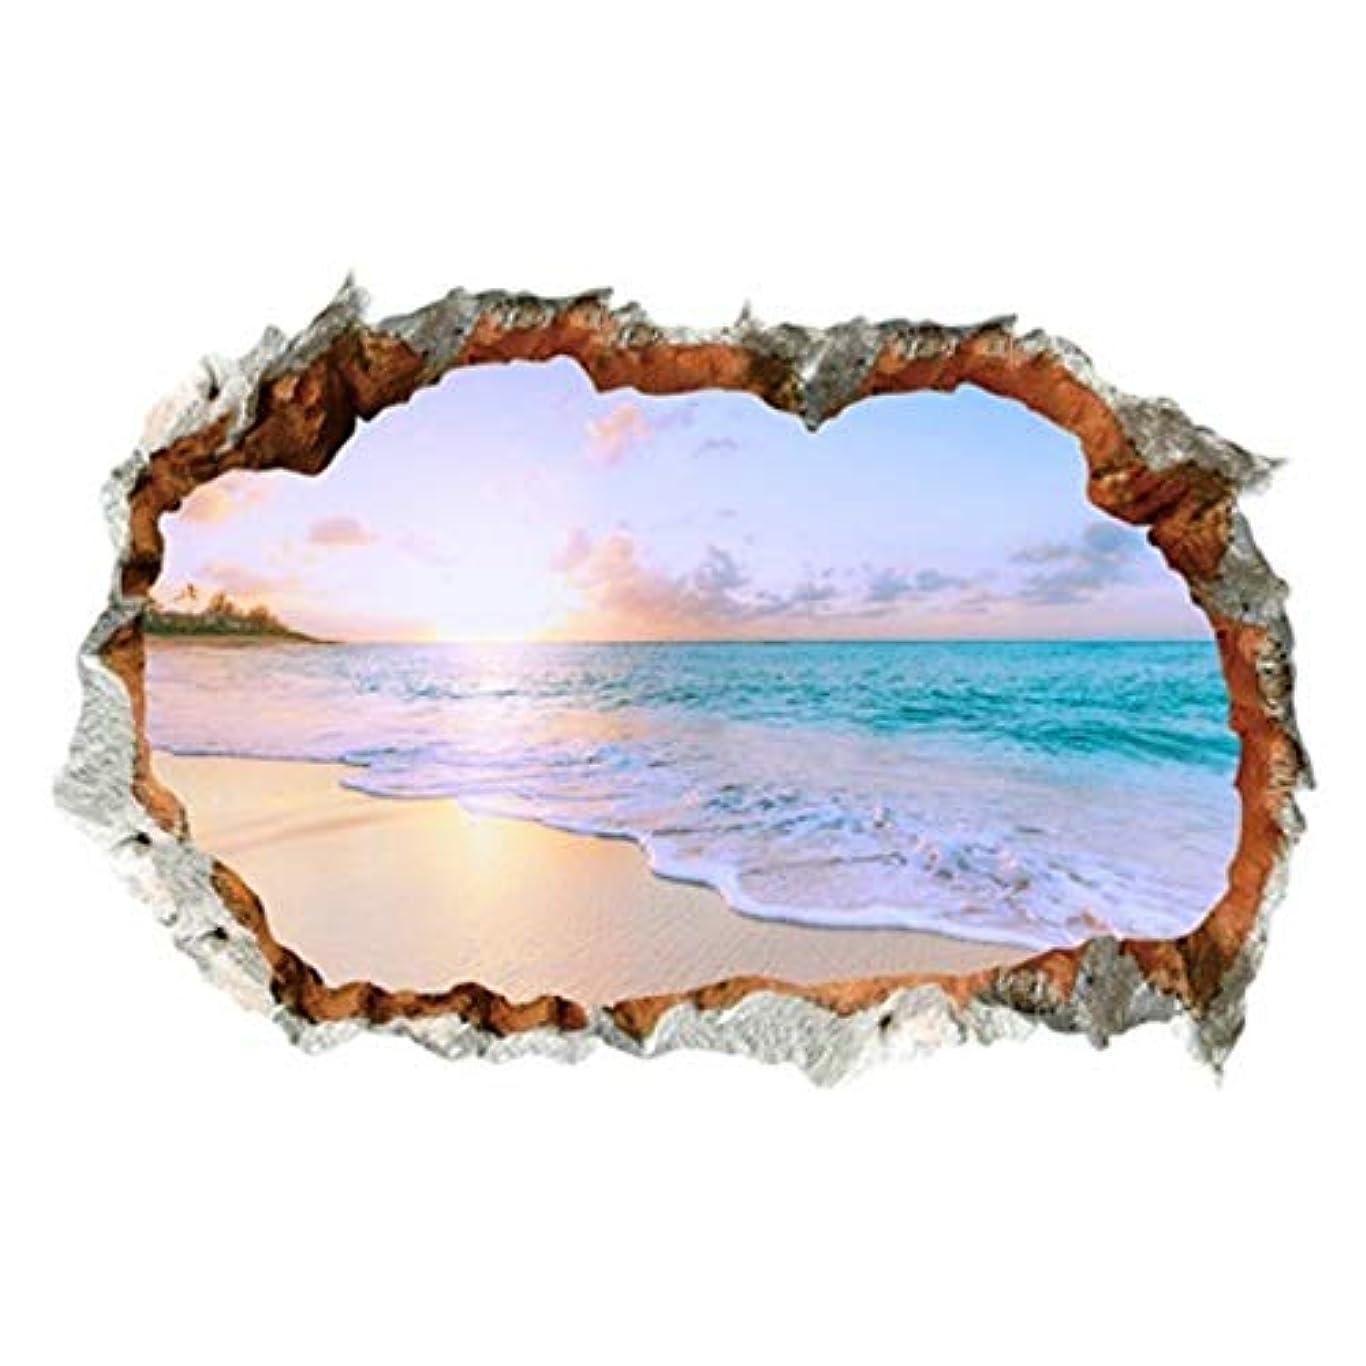 蓋風邪をひくモーテルウォールステッカー 窓 海 南国 ビーチ 風景 おしゃれ シール お風呂 壁紙 壁の穴 レンガ トリックアート ヤシの木 トイレ かわいい インテリア 壁飾り 写真 夕日 空 大きい 夏 窓の景色 波 砂浜 diyシール ハワイ ハワイアン サーフ 西海岸 アメリカン 海岸 磯 雲 建具 vr01784